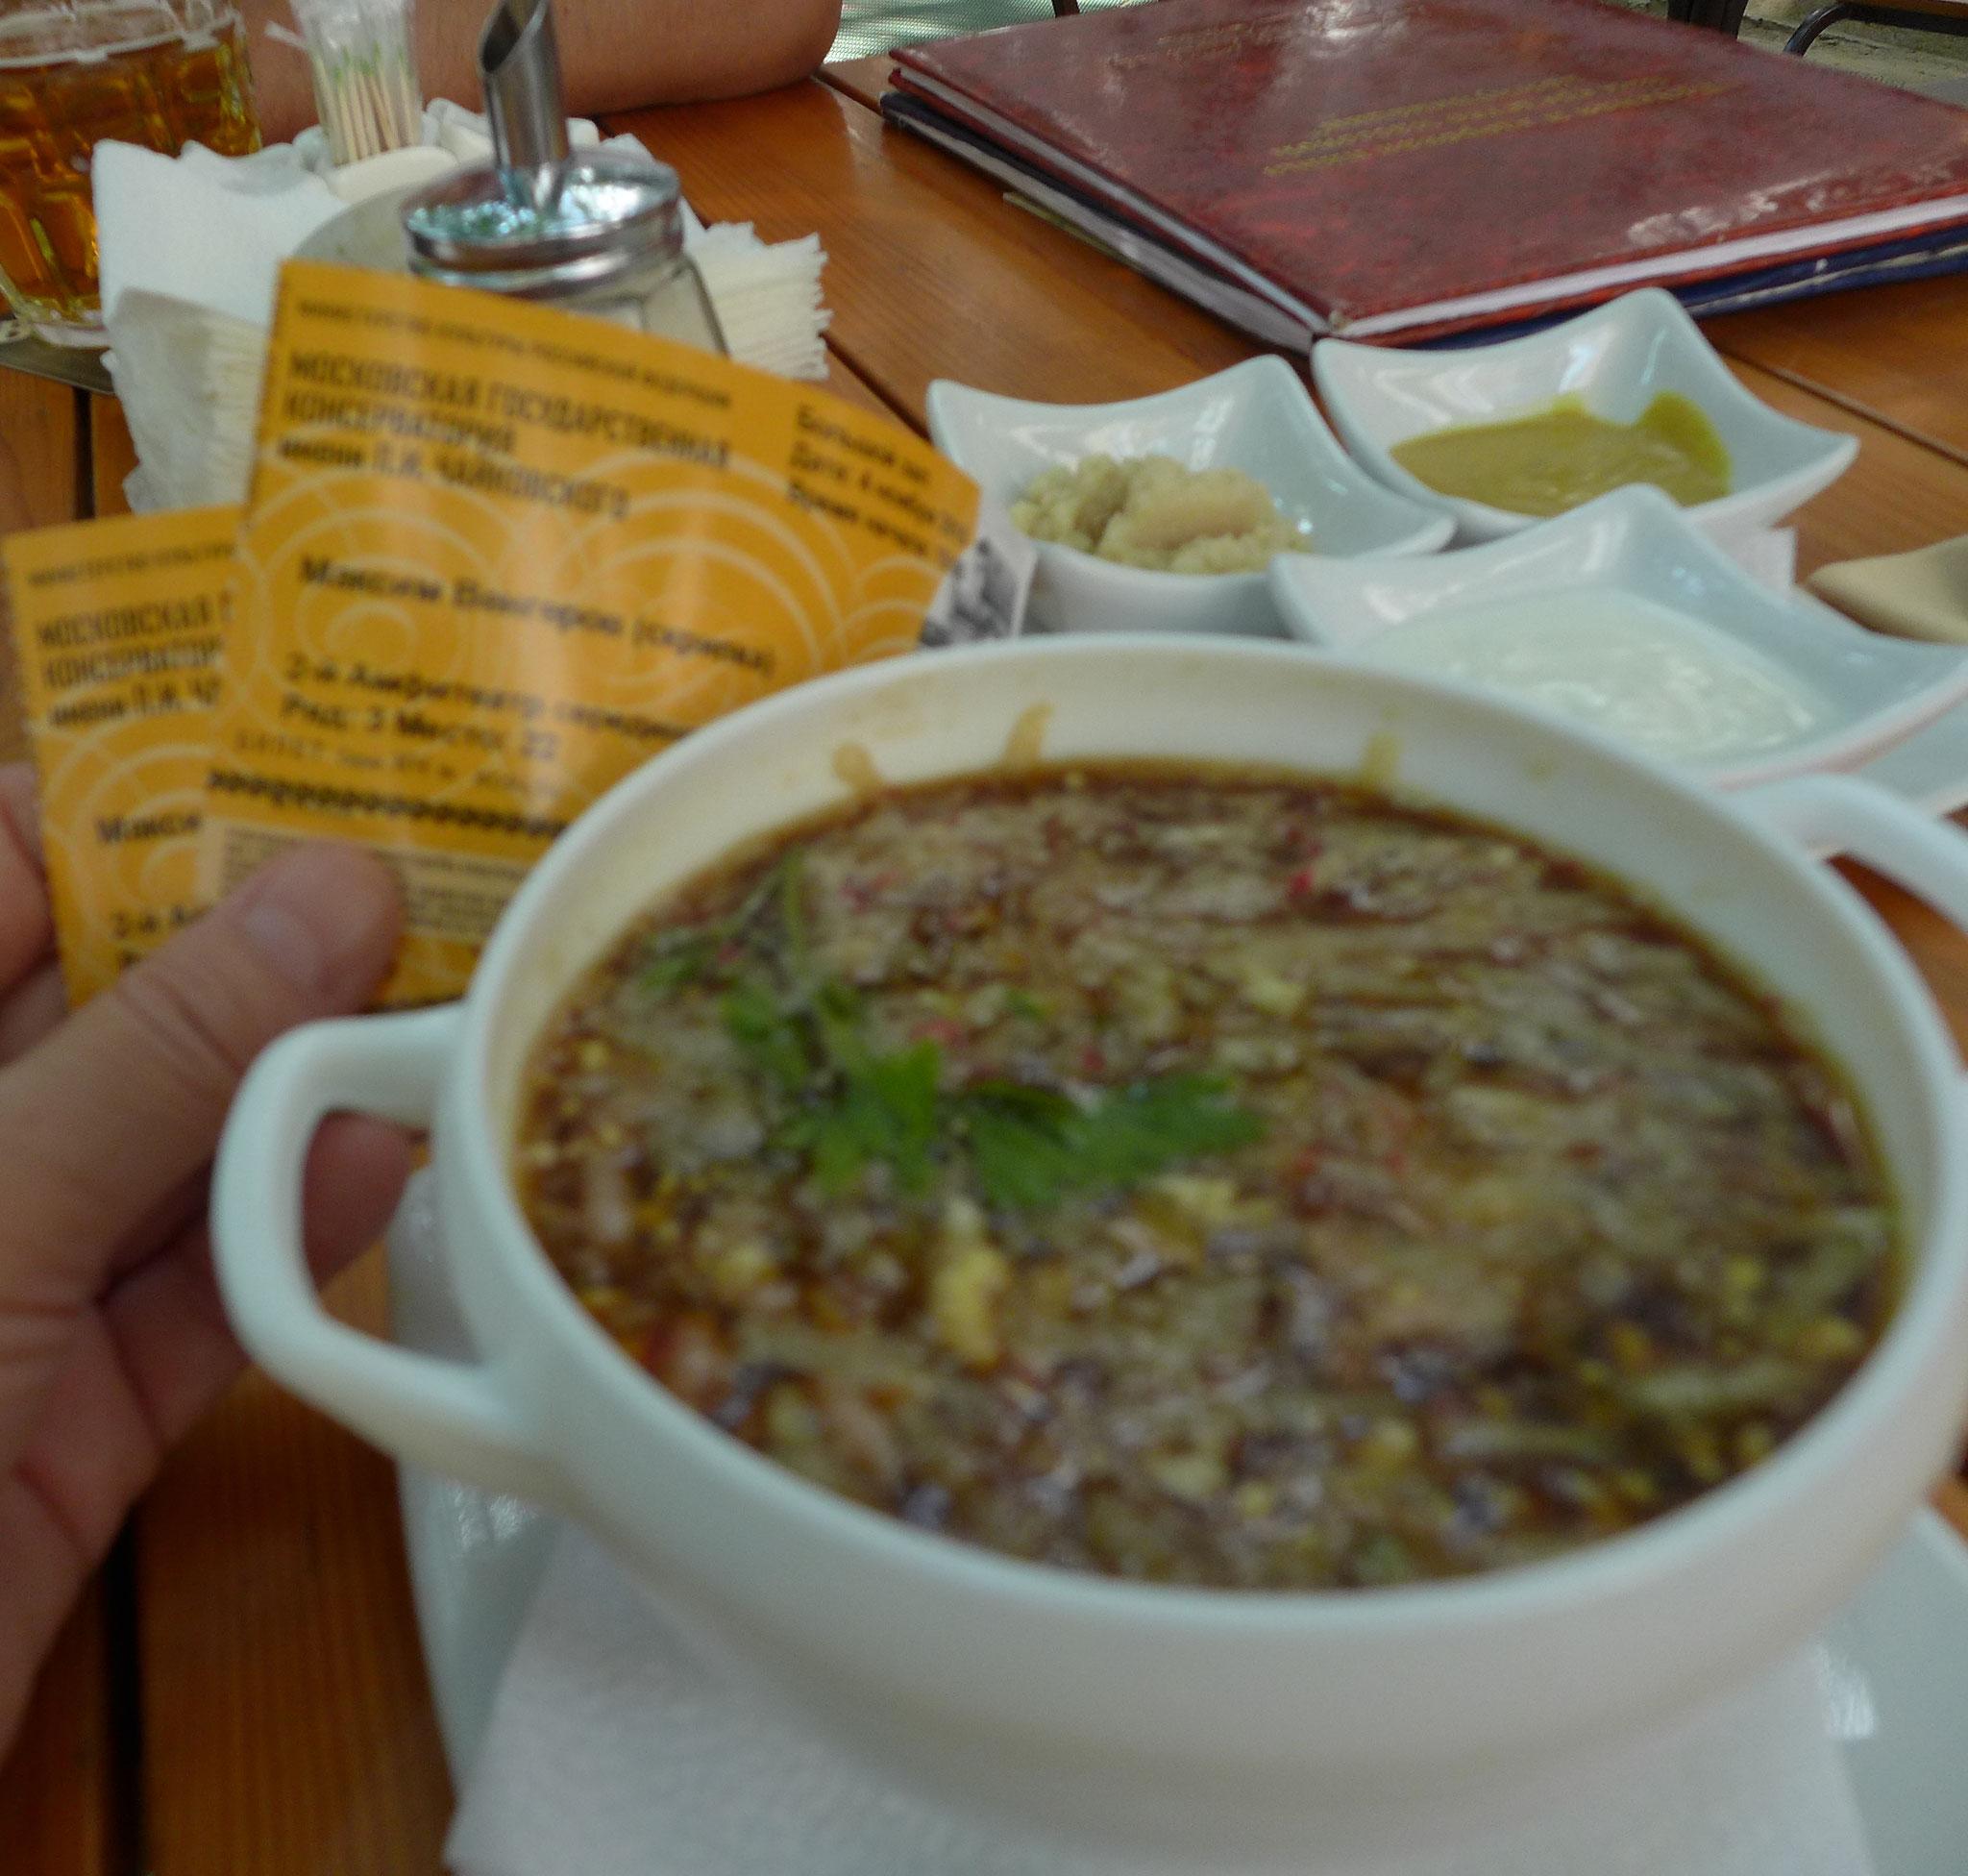 クワスのアクローシュカ。非難を恐れずに言うなら、これに素麺を入れて食べてもいけそうです。